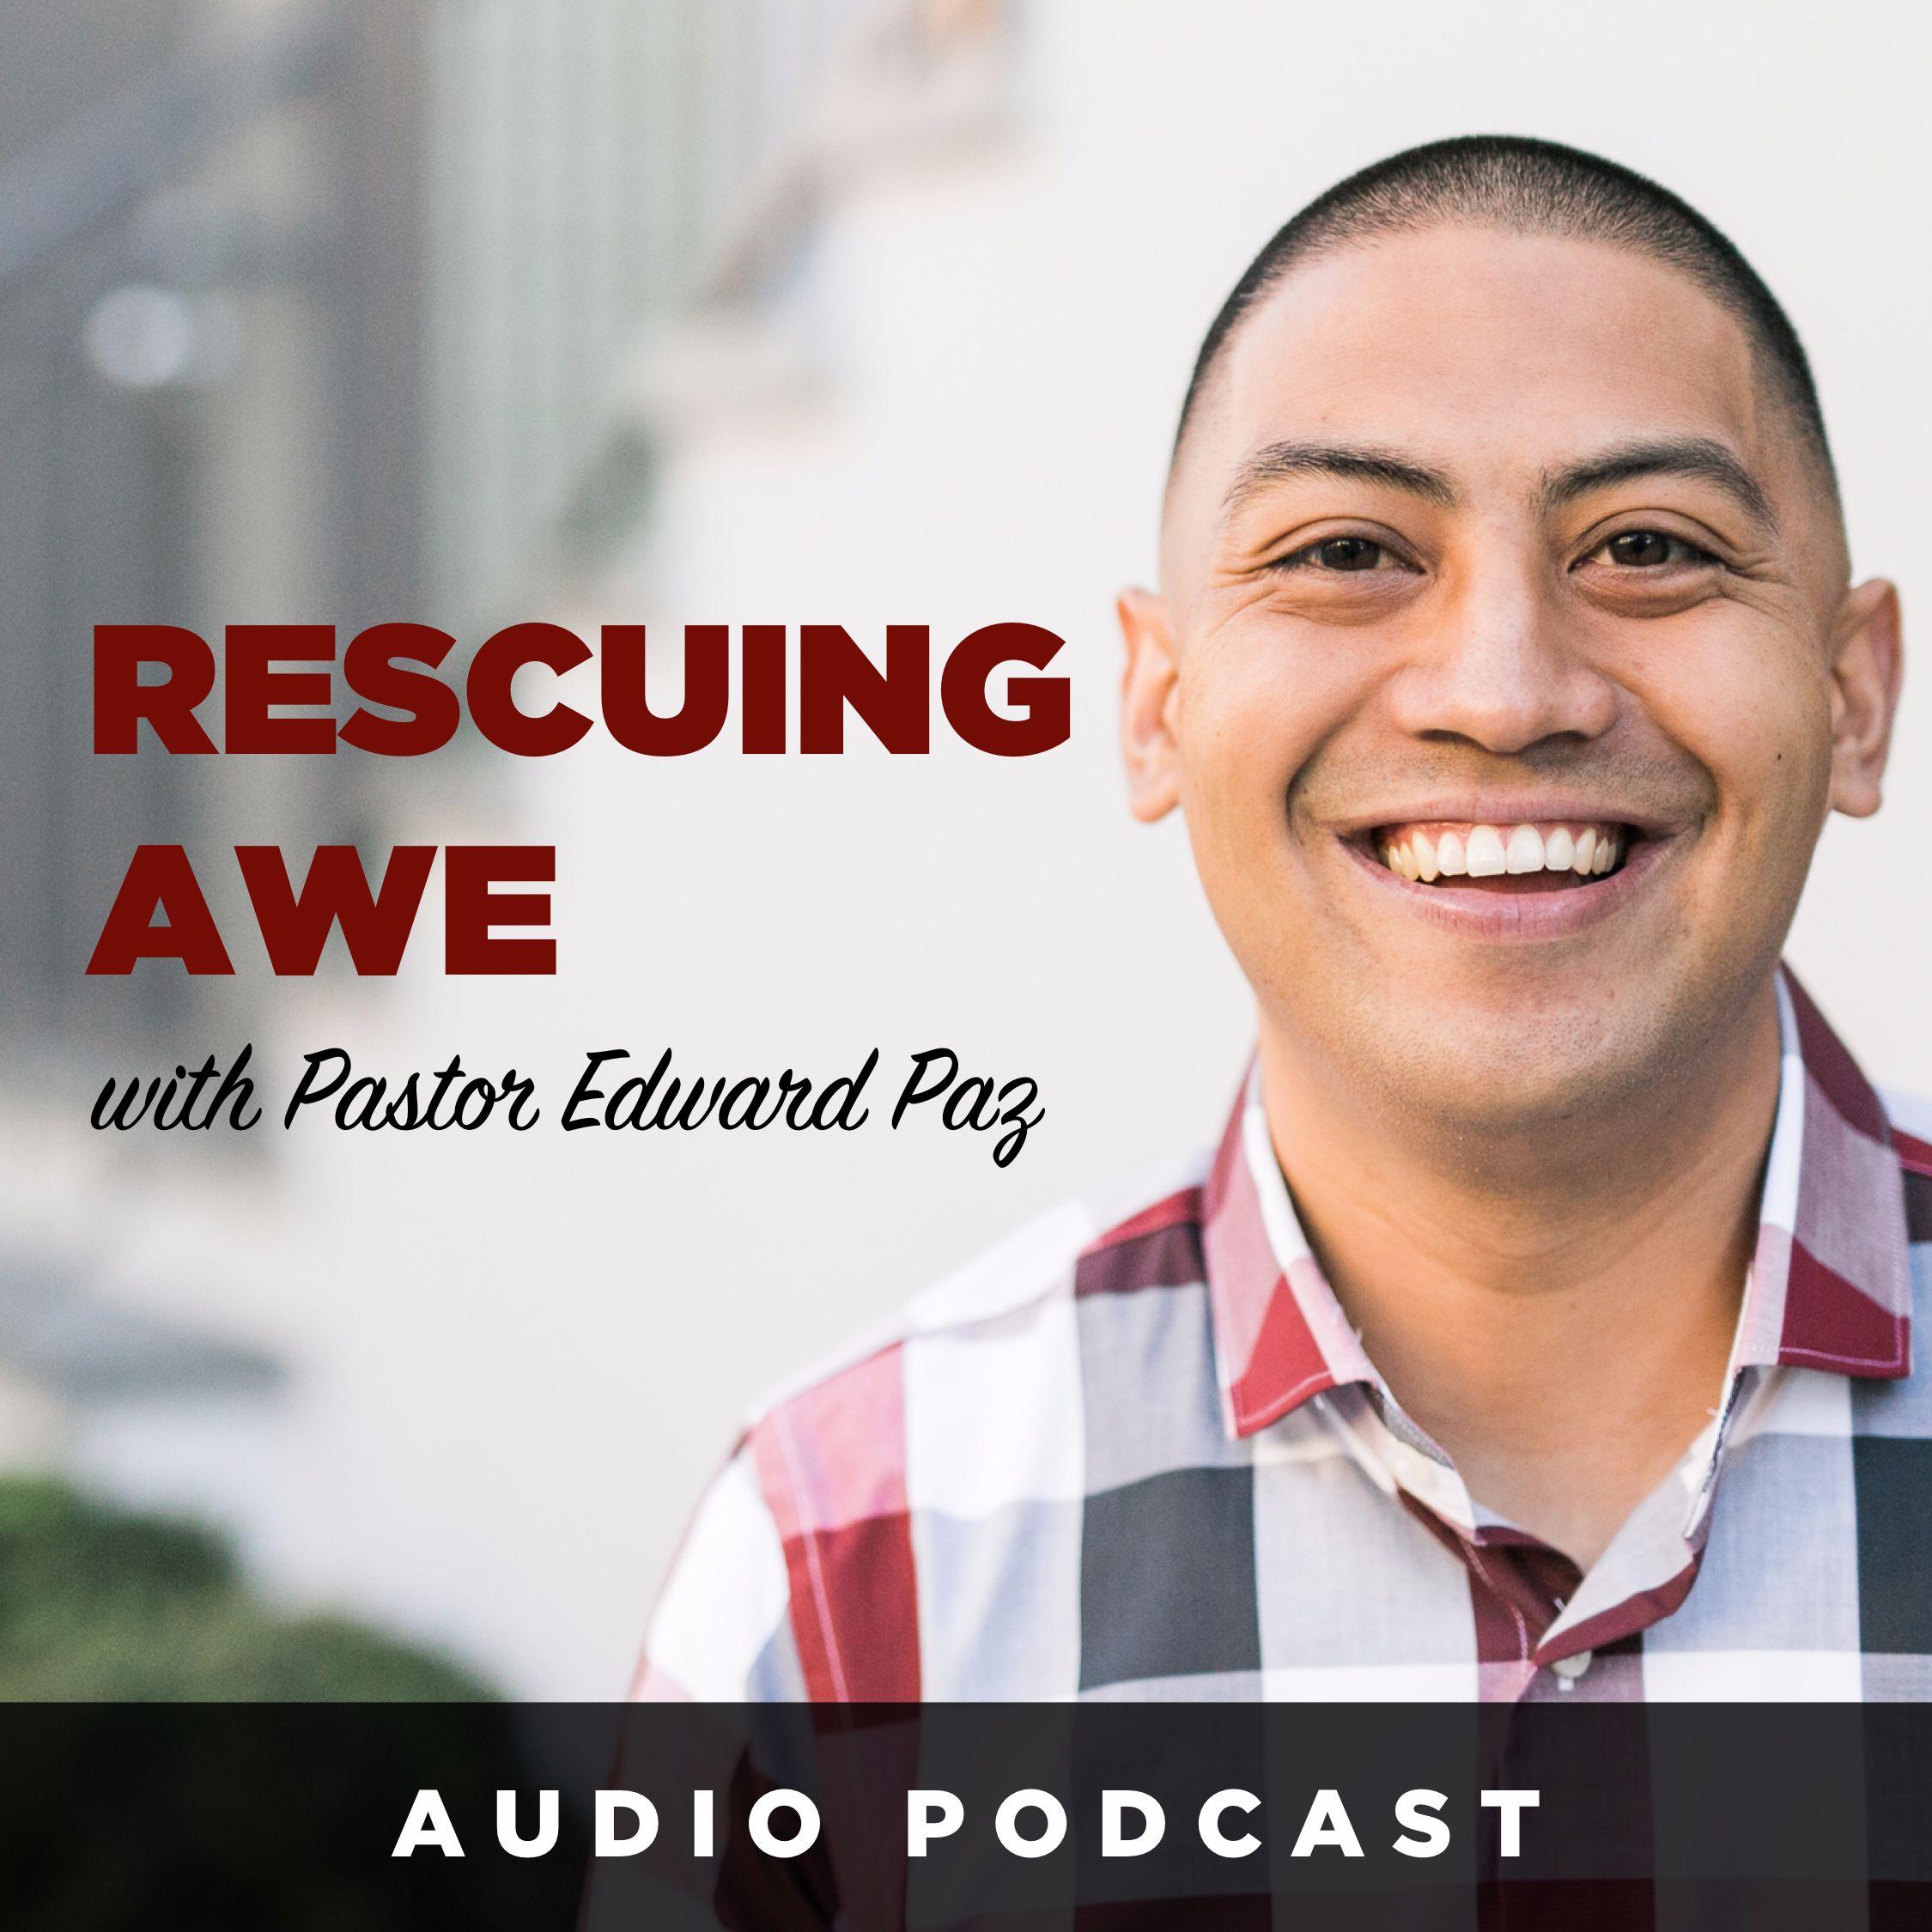 Rescuing Awe